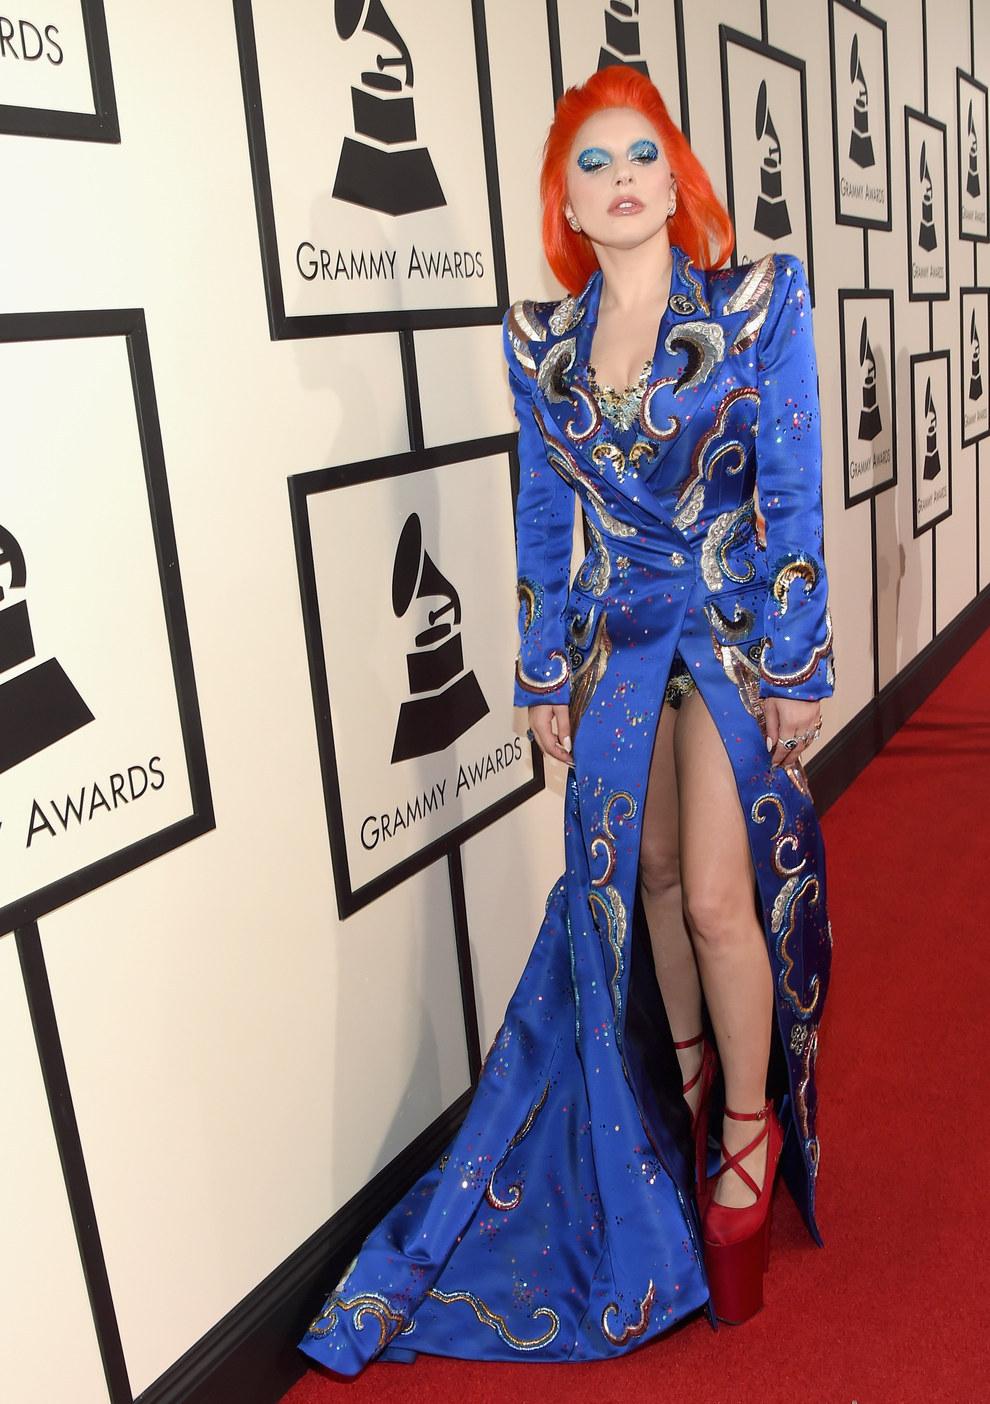 Y vamos a cerrar esto como se debe. Con la reina Lady Gaga.